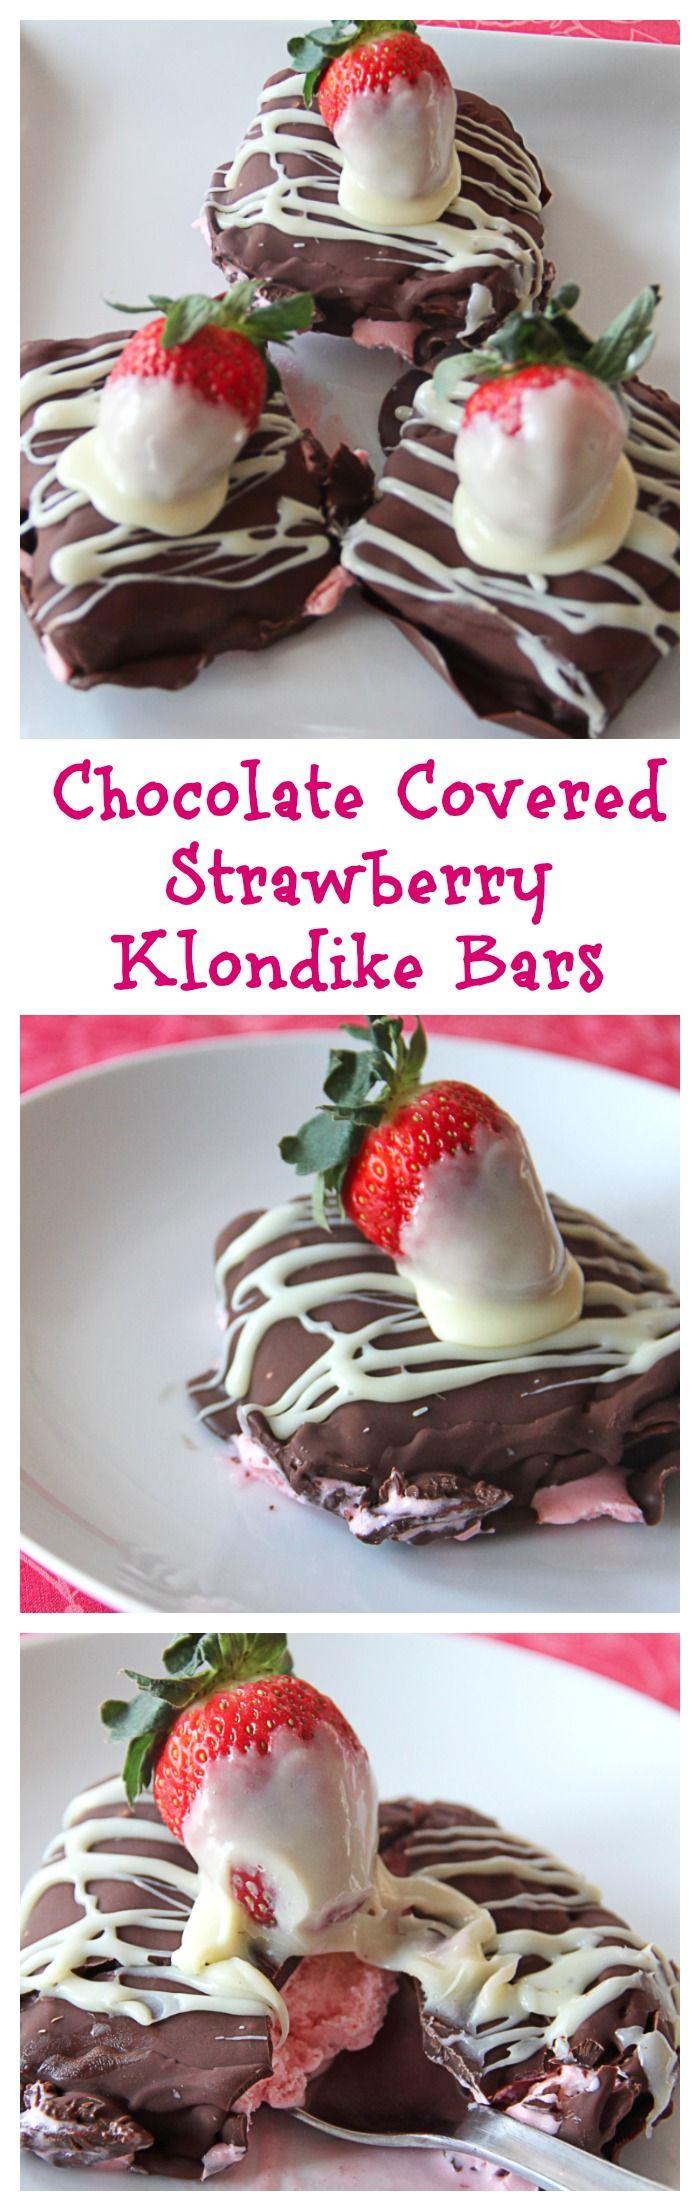 Chocolate Covered Strawberry Klondike Bars | Grandbaby Cakes